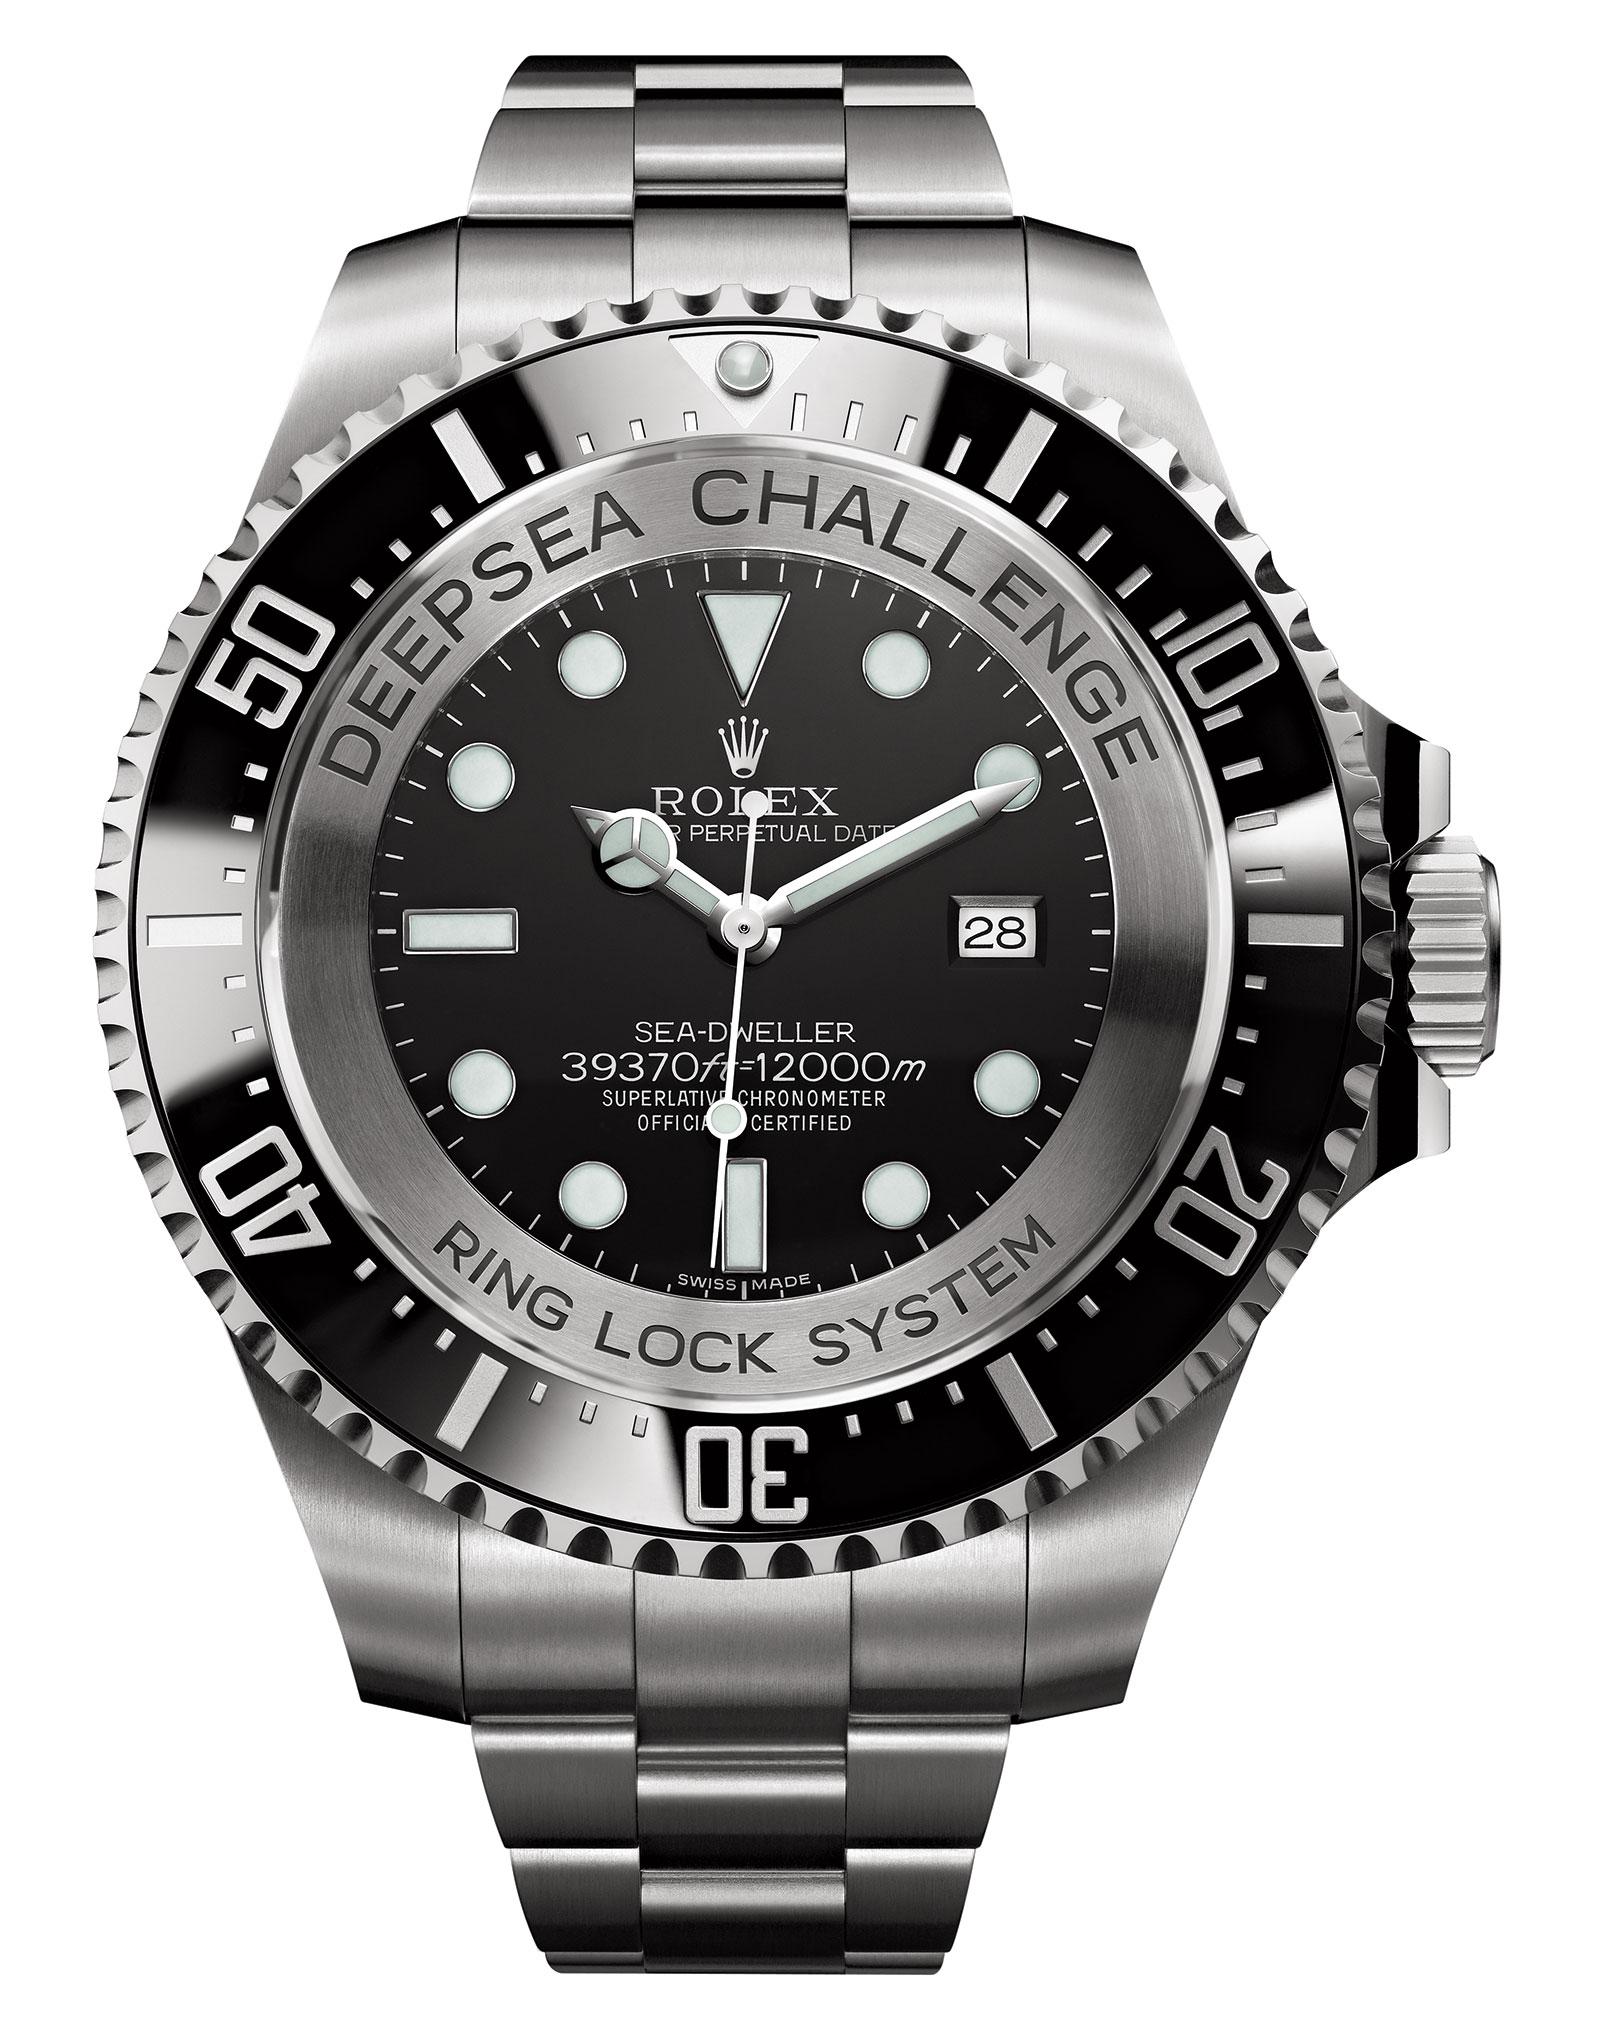 Rolex Deepsea Challenge 2